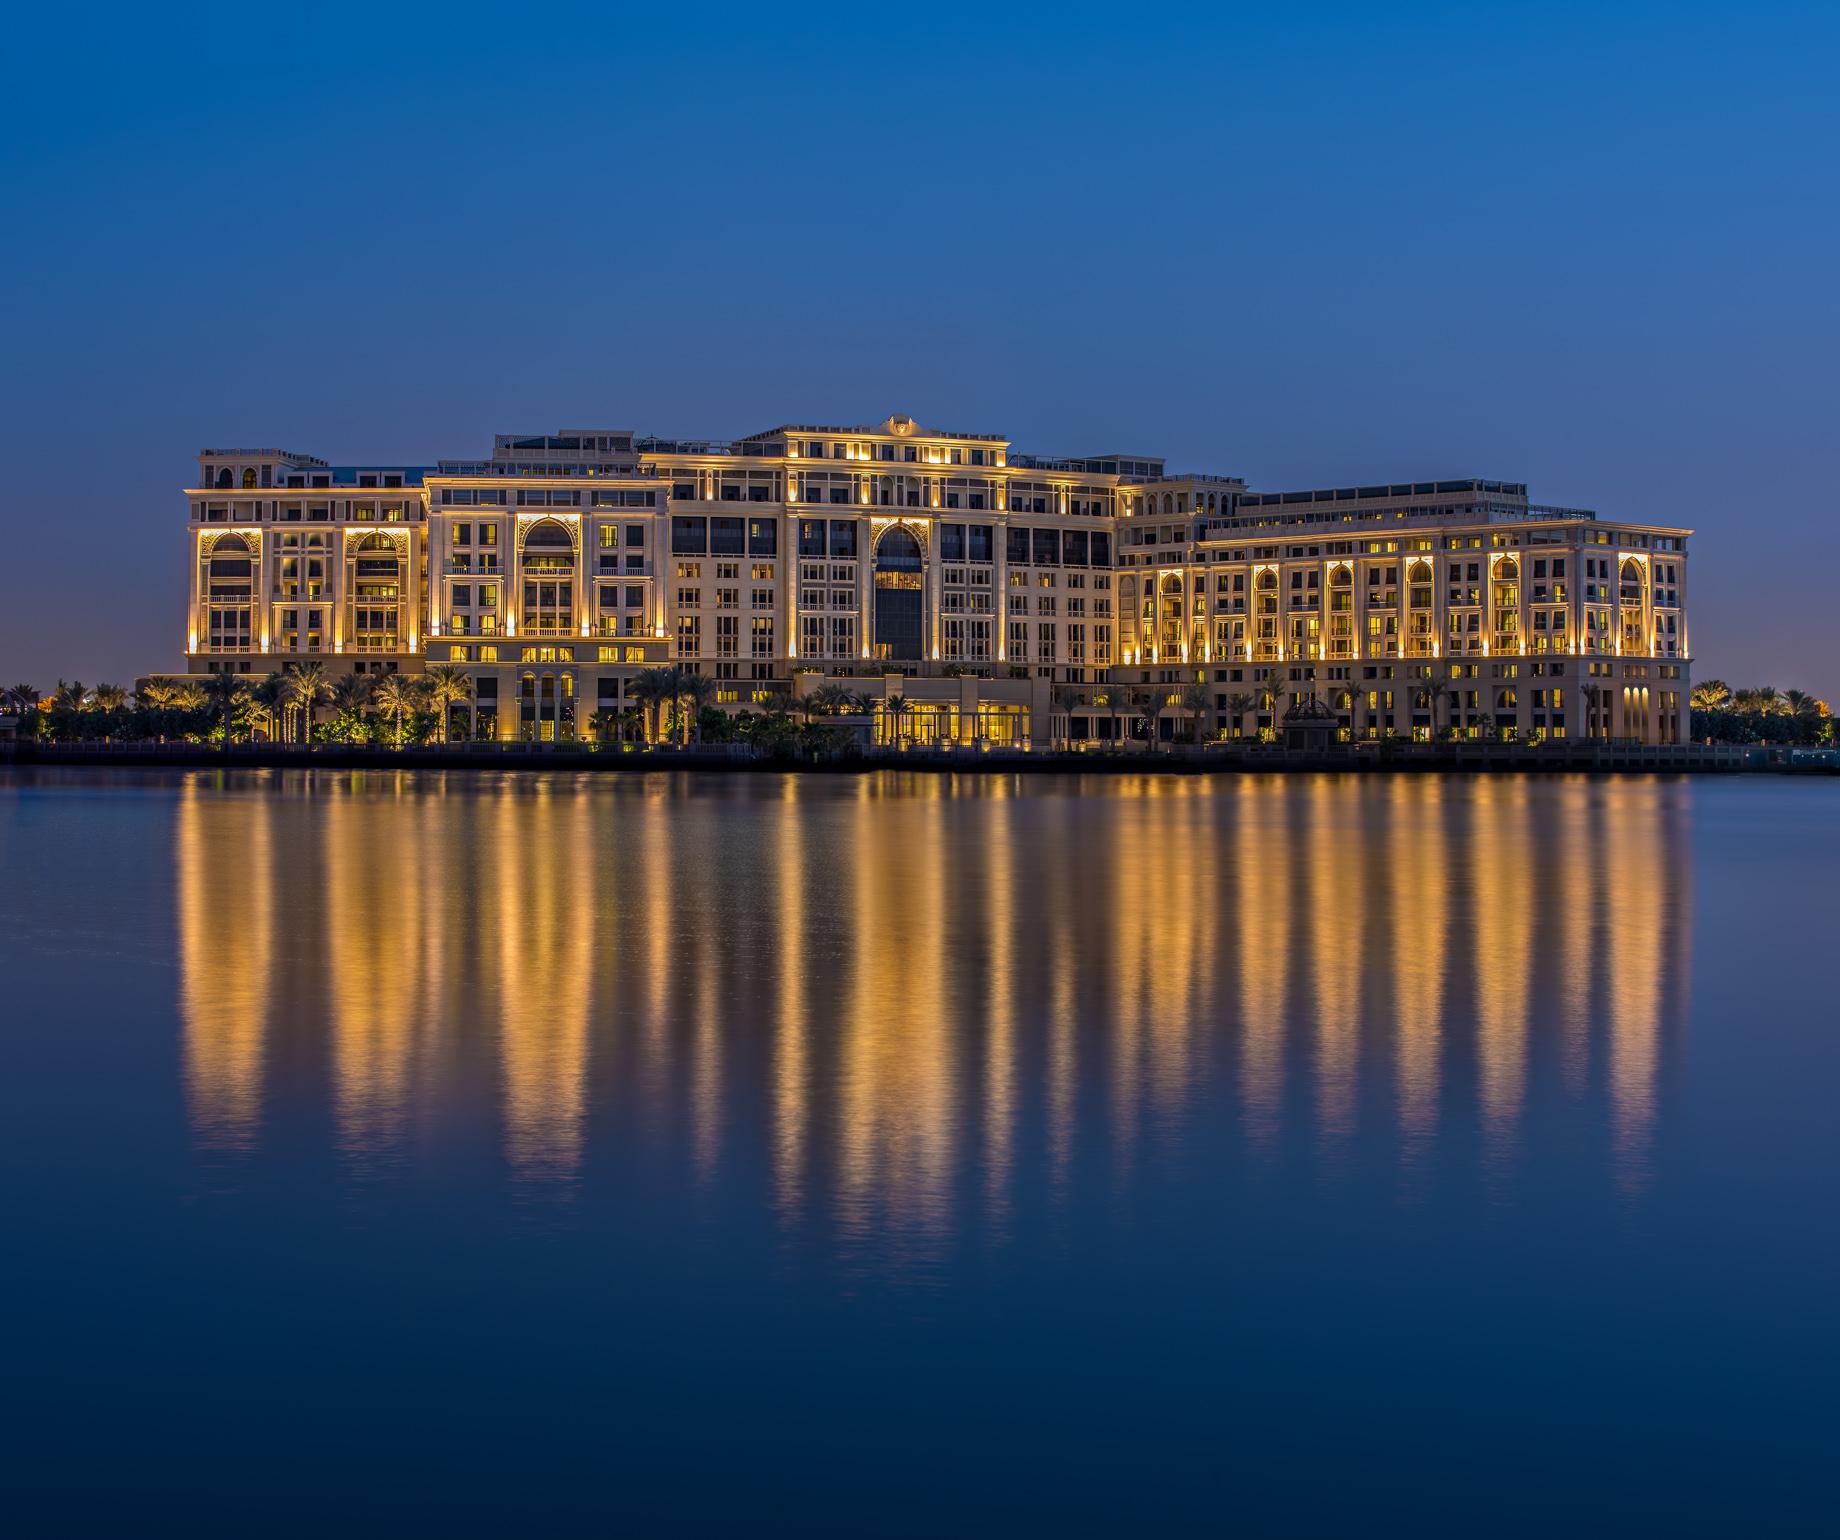 Palazzo Versace Dubai Hotel - Jaddaf Waterfront, Dubai, UAE